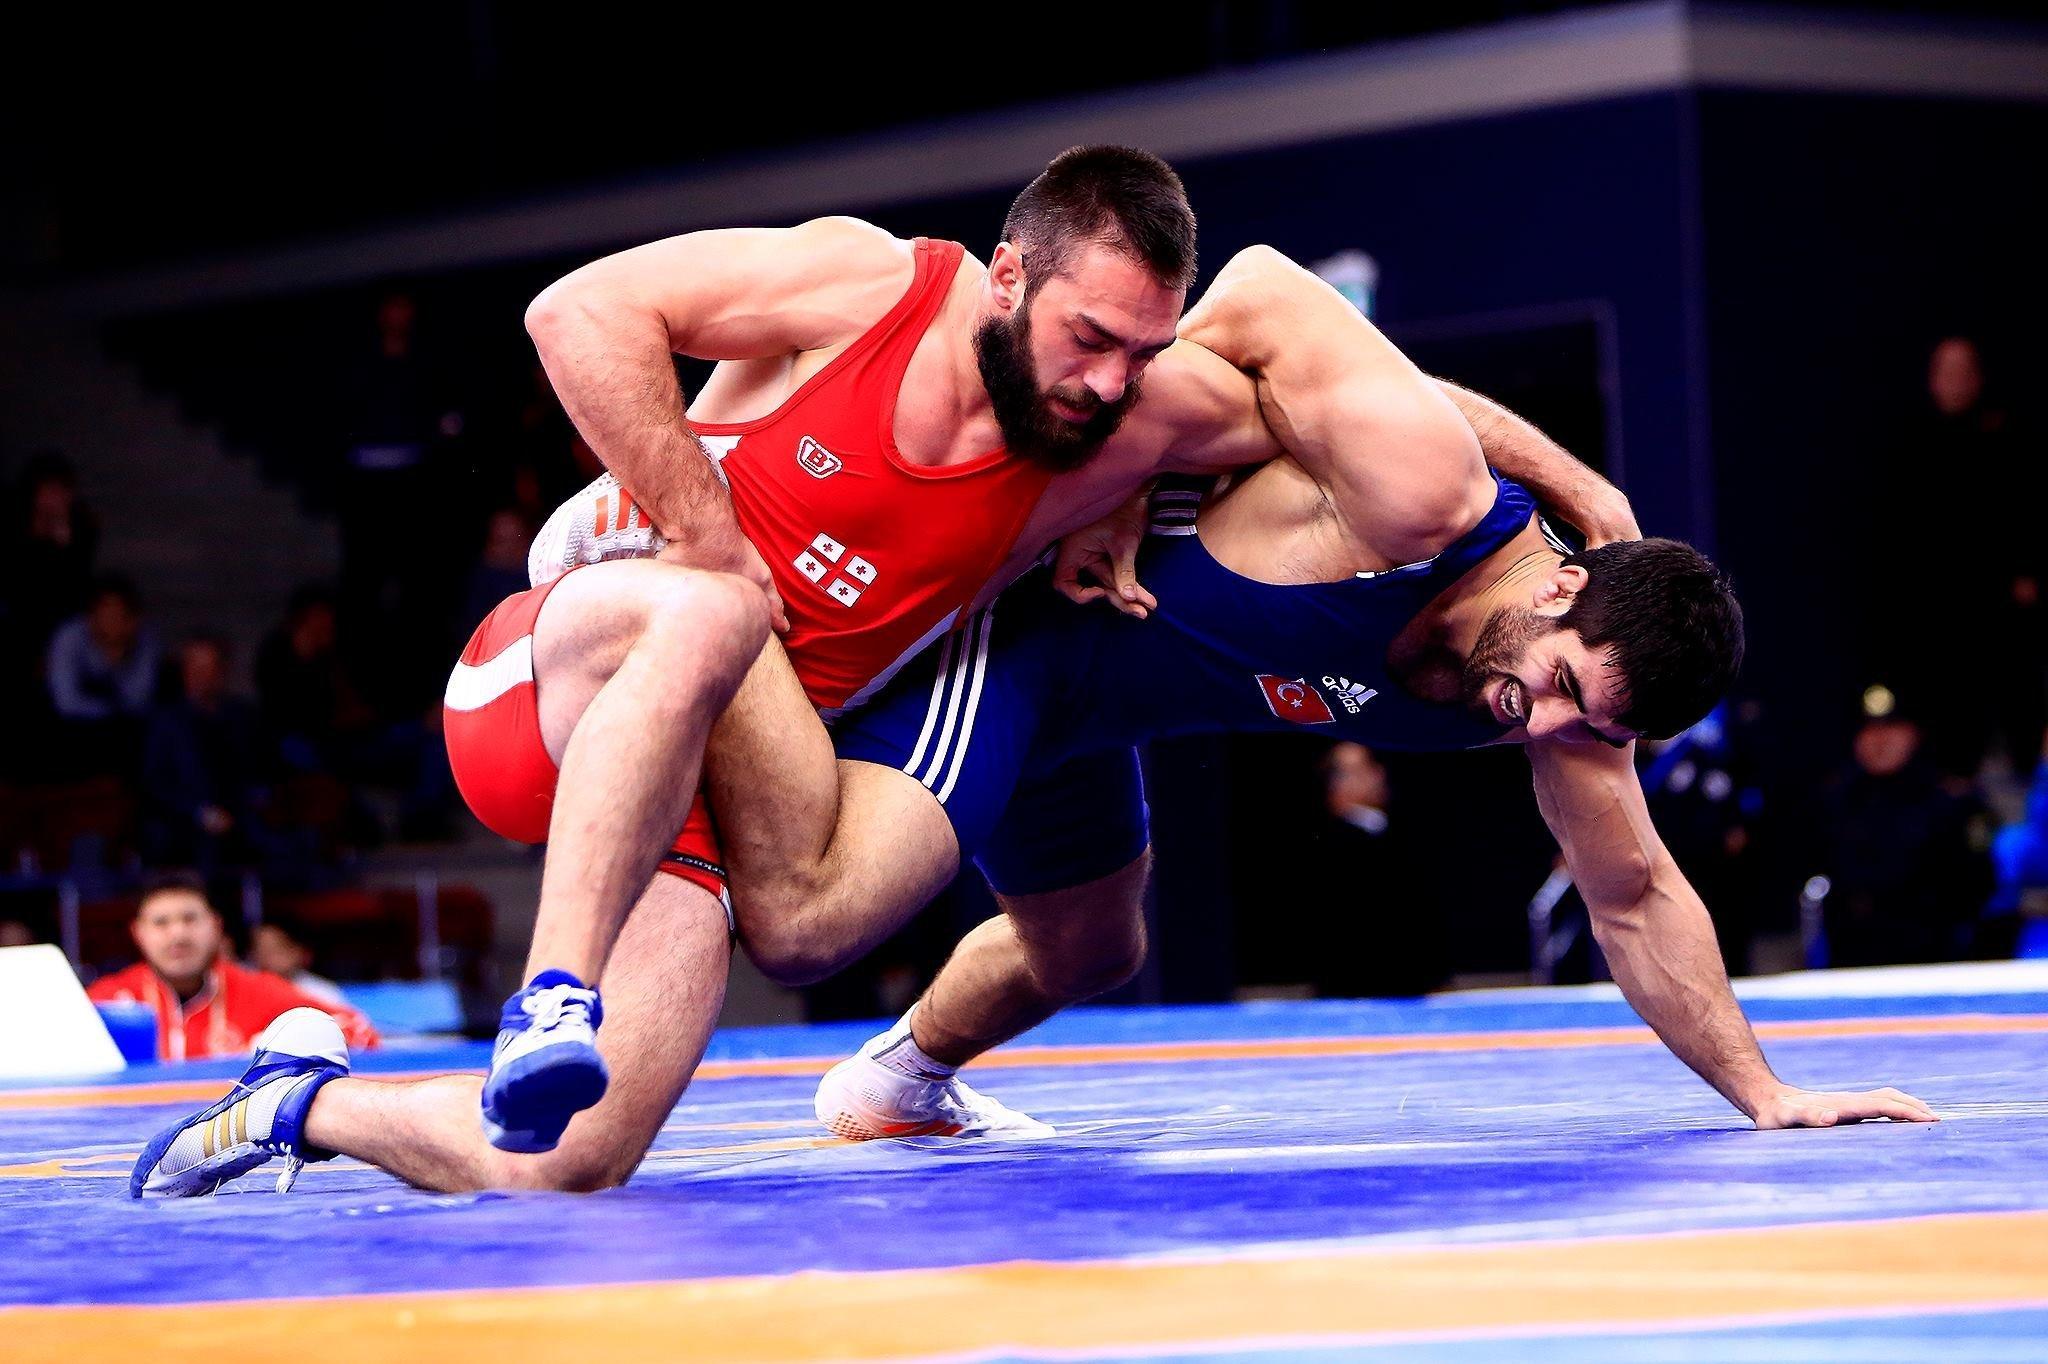 Гено Петриашвили на«Золотом Гран-при» встолице Азербайджана завоевал золотую медаль